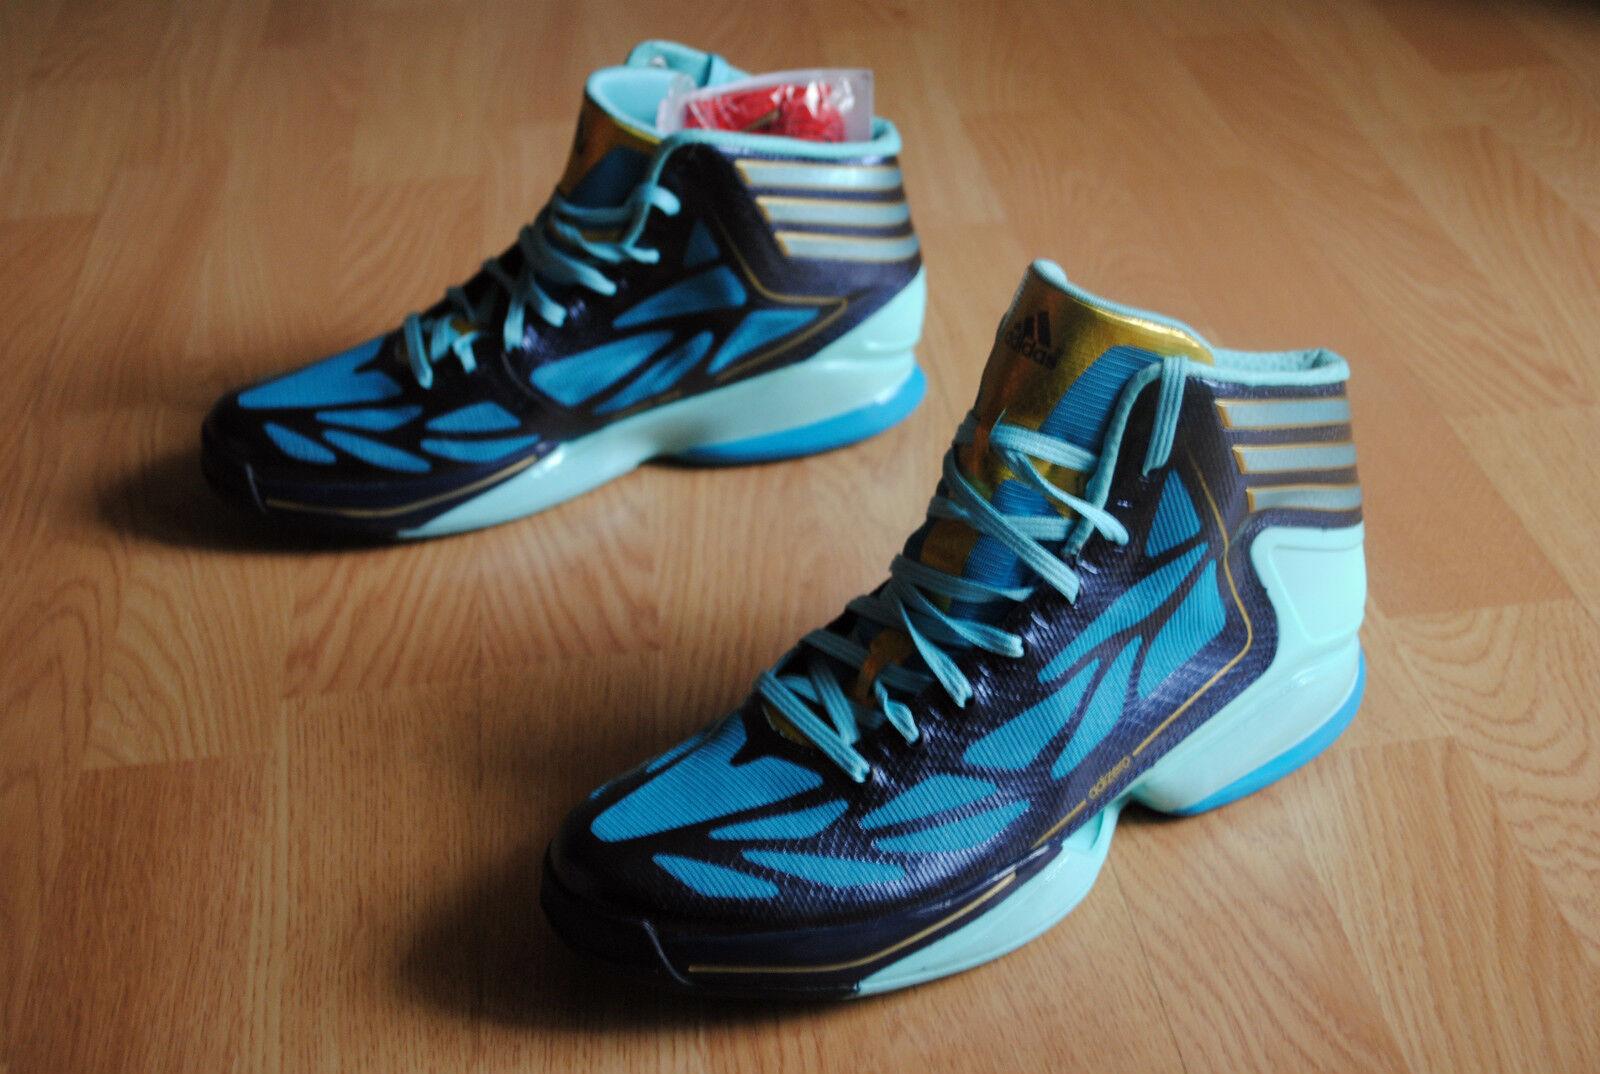 adidas adizero Crazy Light 2  43 44 44,5 46,5  Basketball adiZeRo d RosE G65943